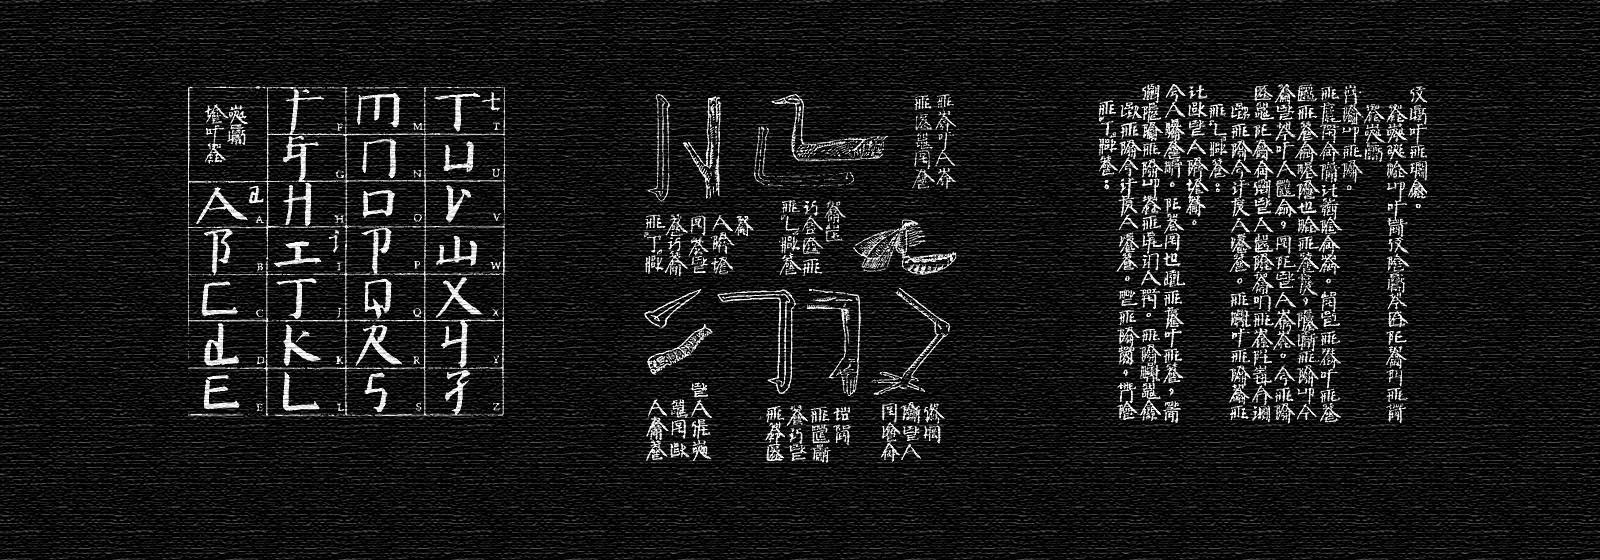 Новый китайский язык